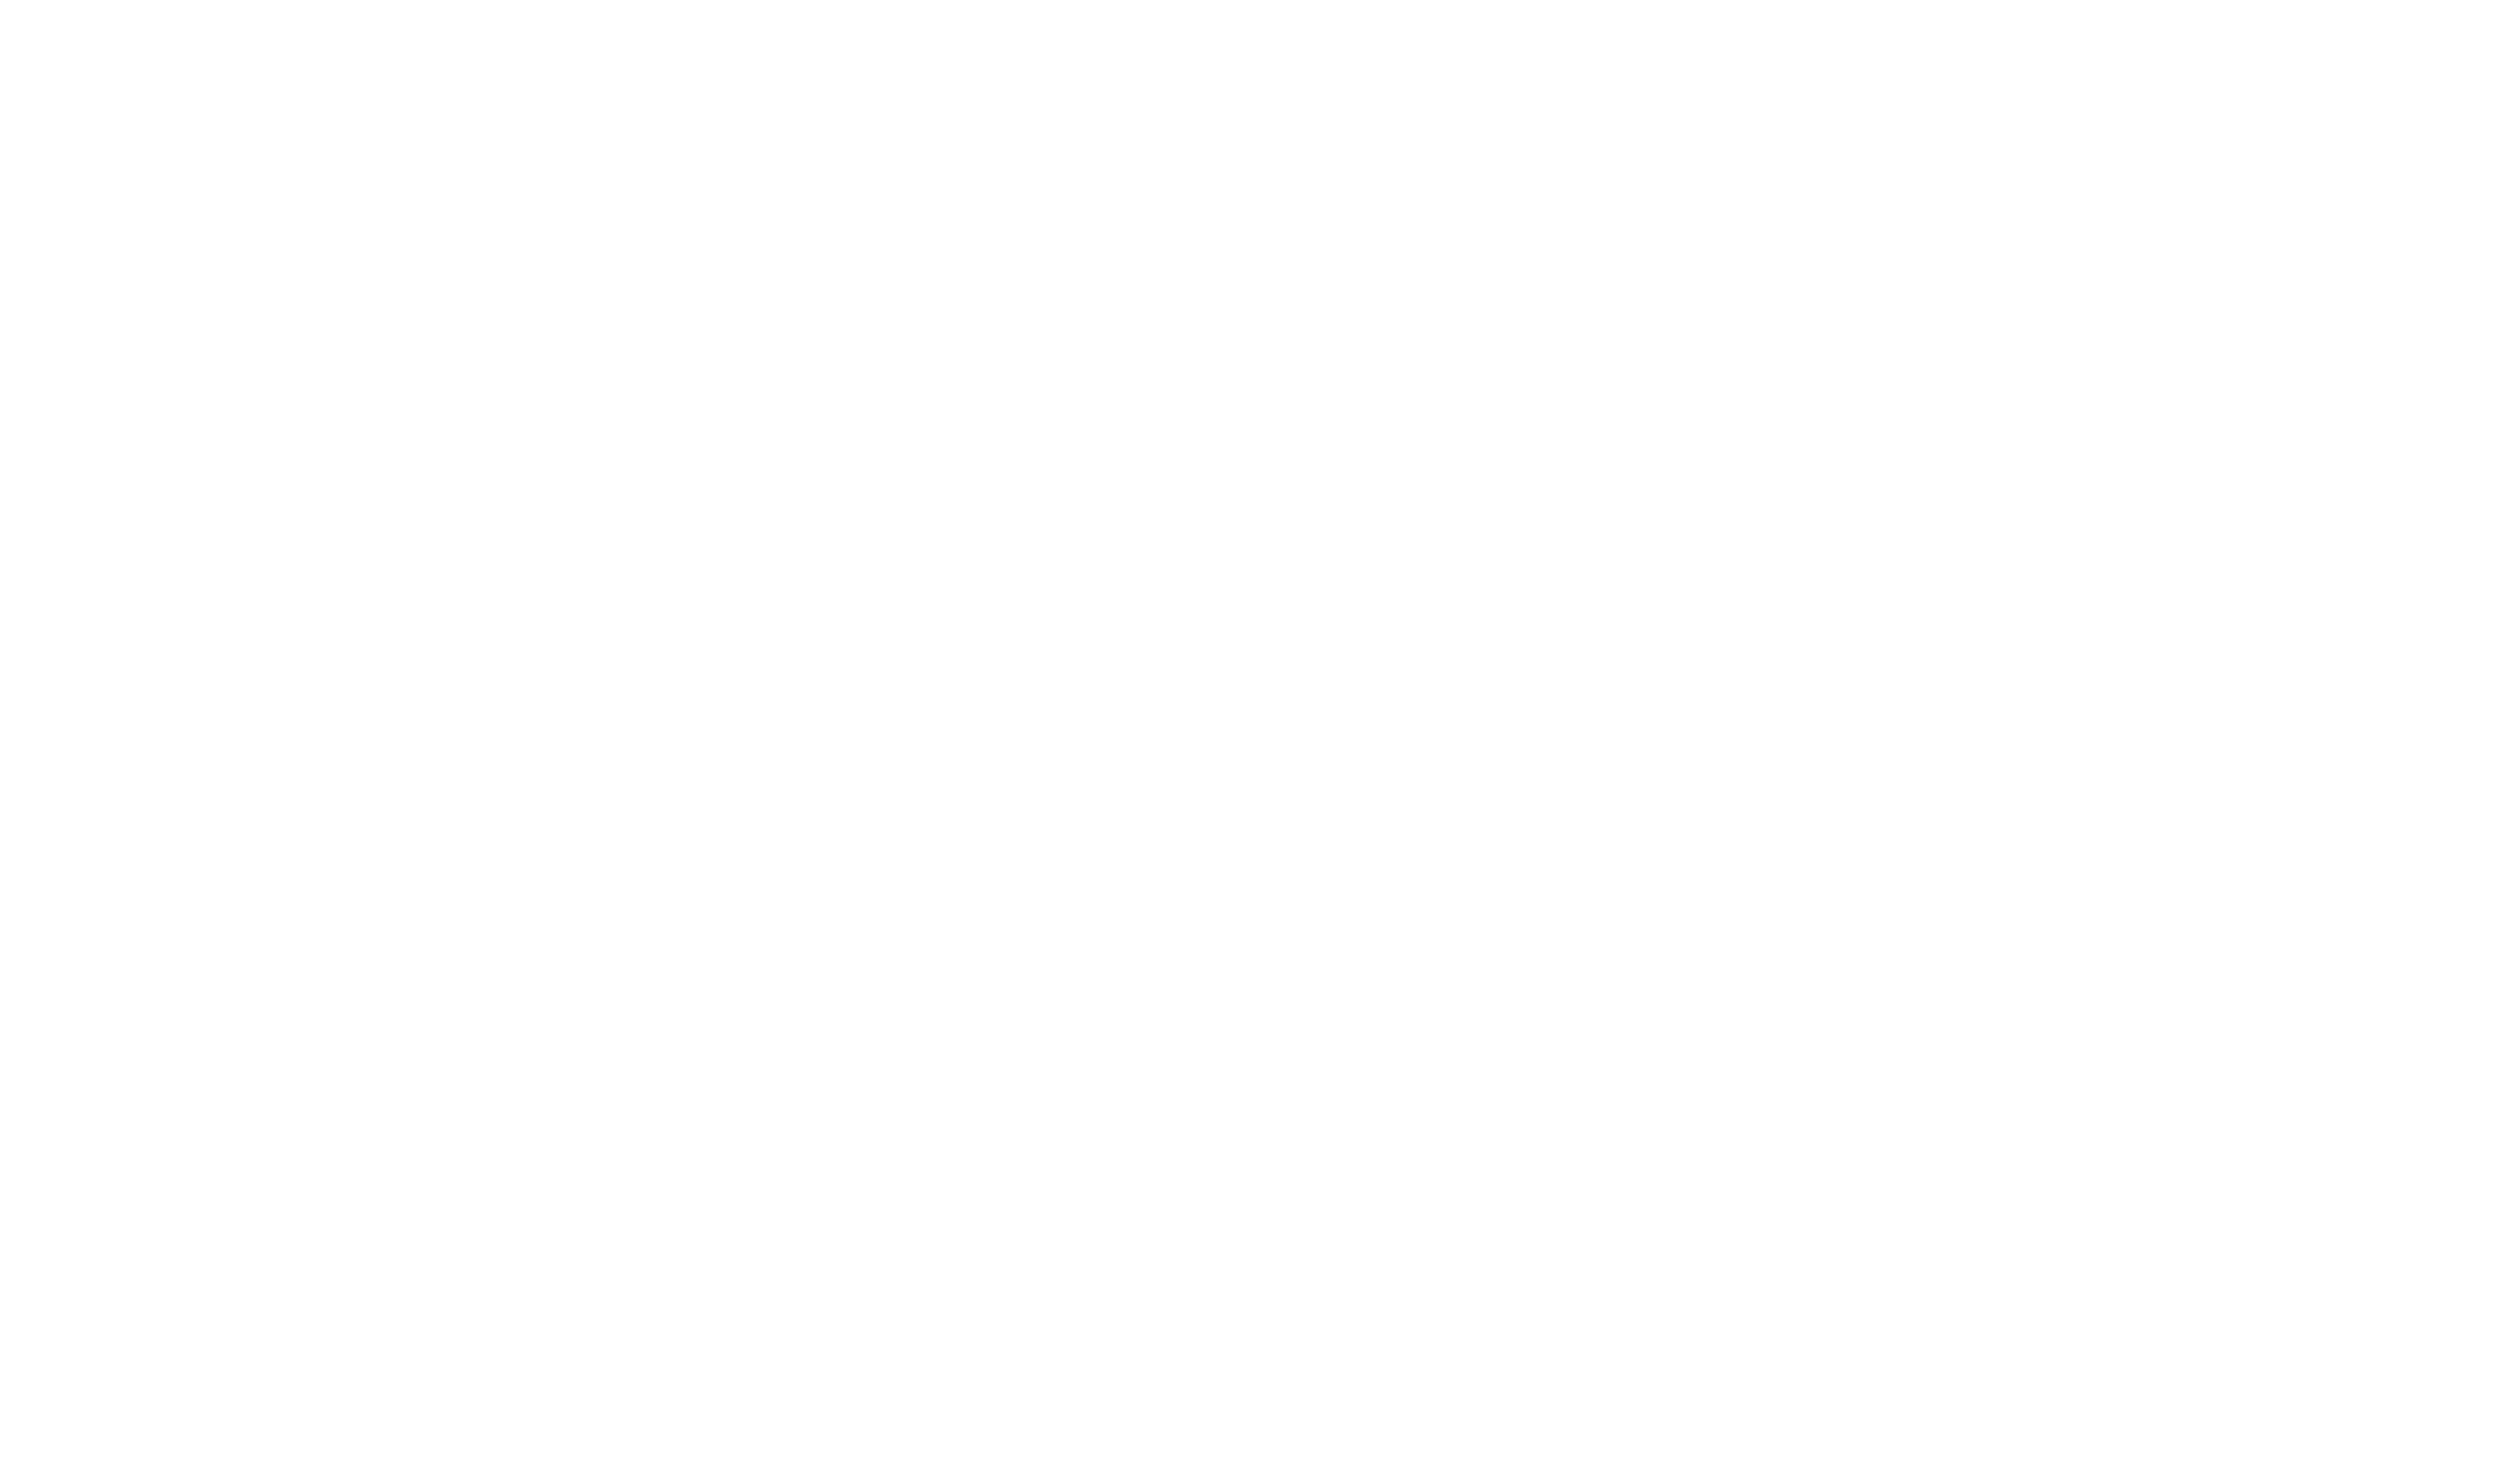 Maxwell_Faith_allwhite